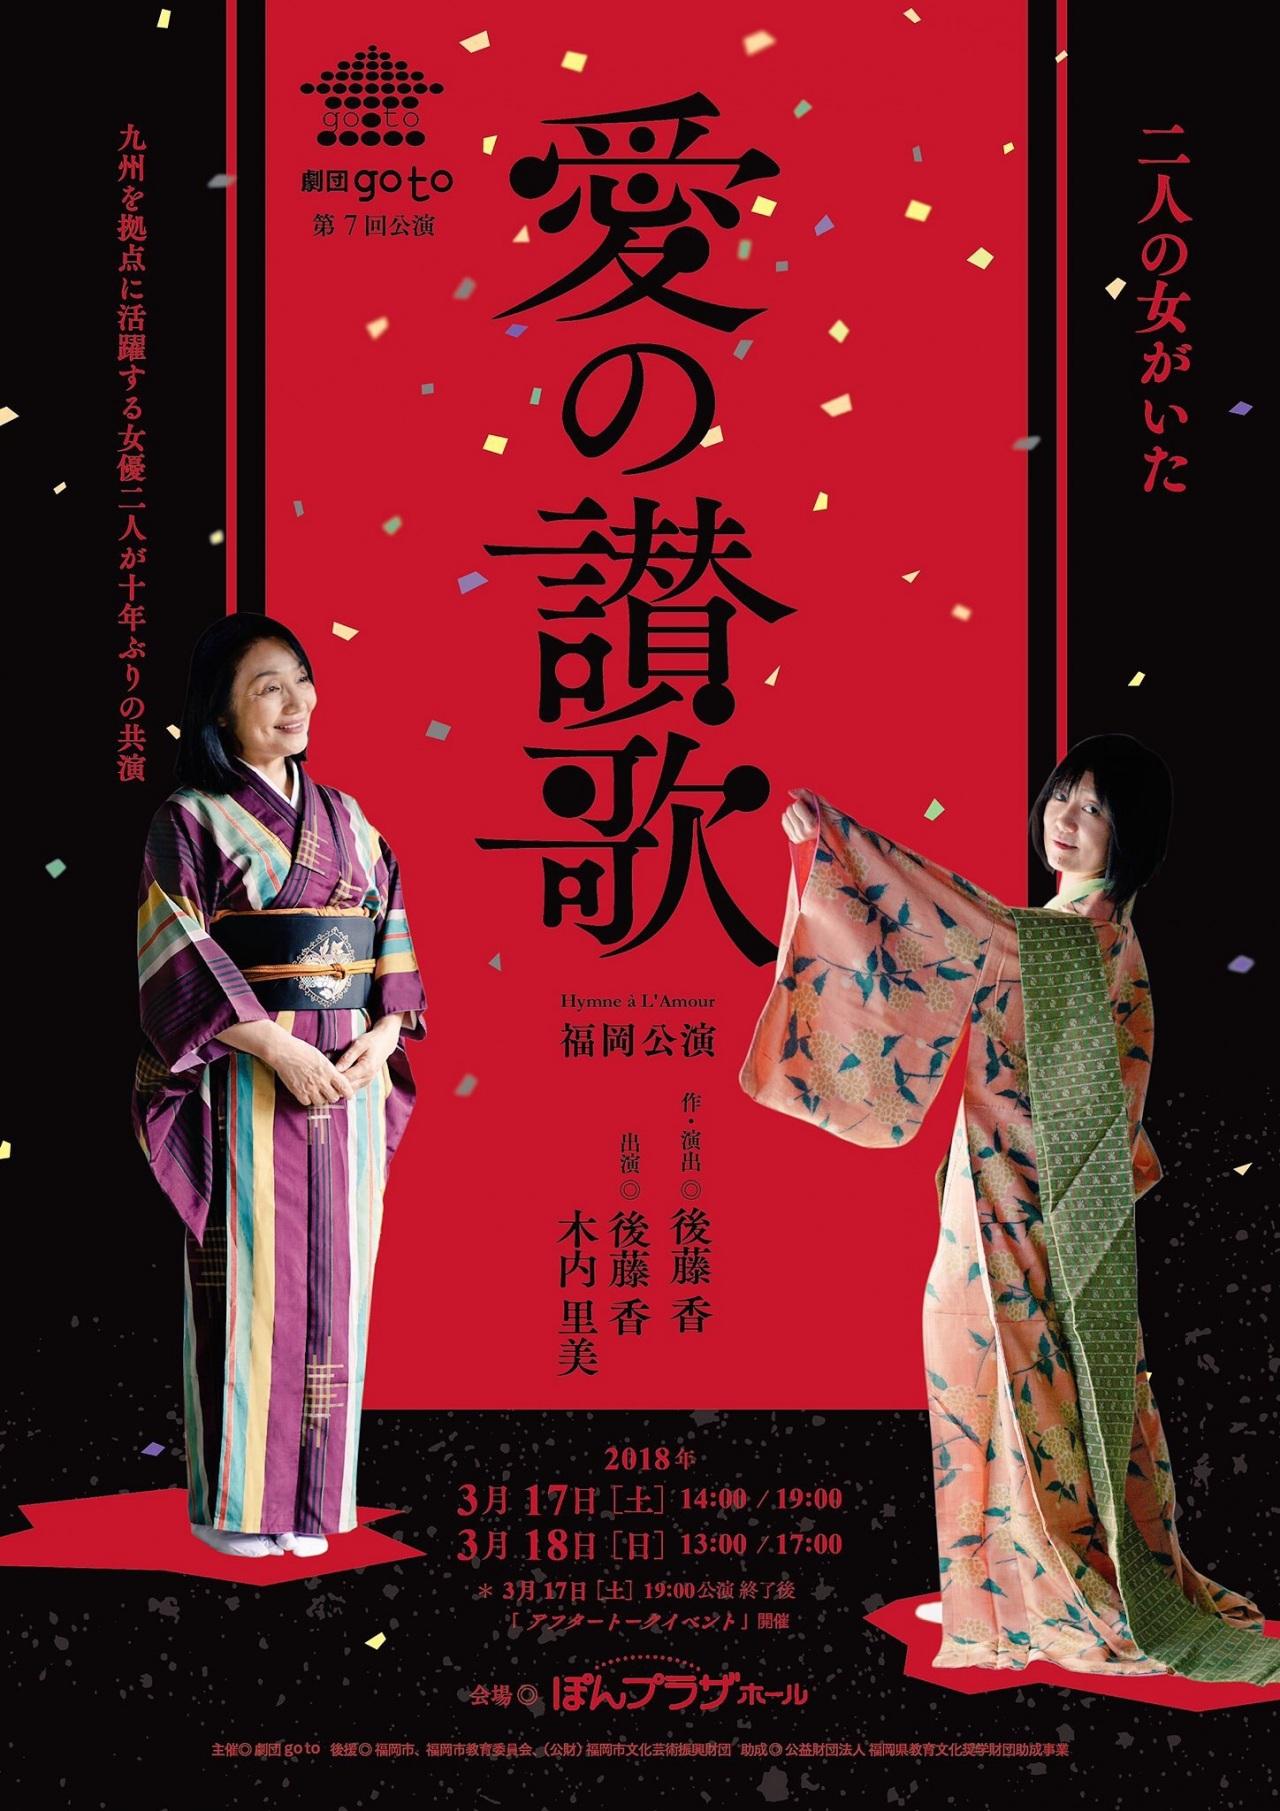 劇団 go to 第7回公演「愛の讃歌...